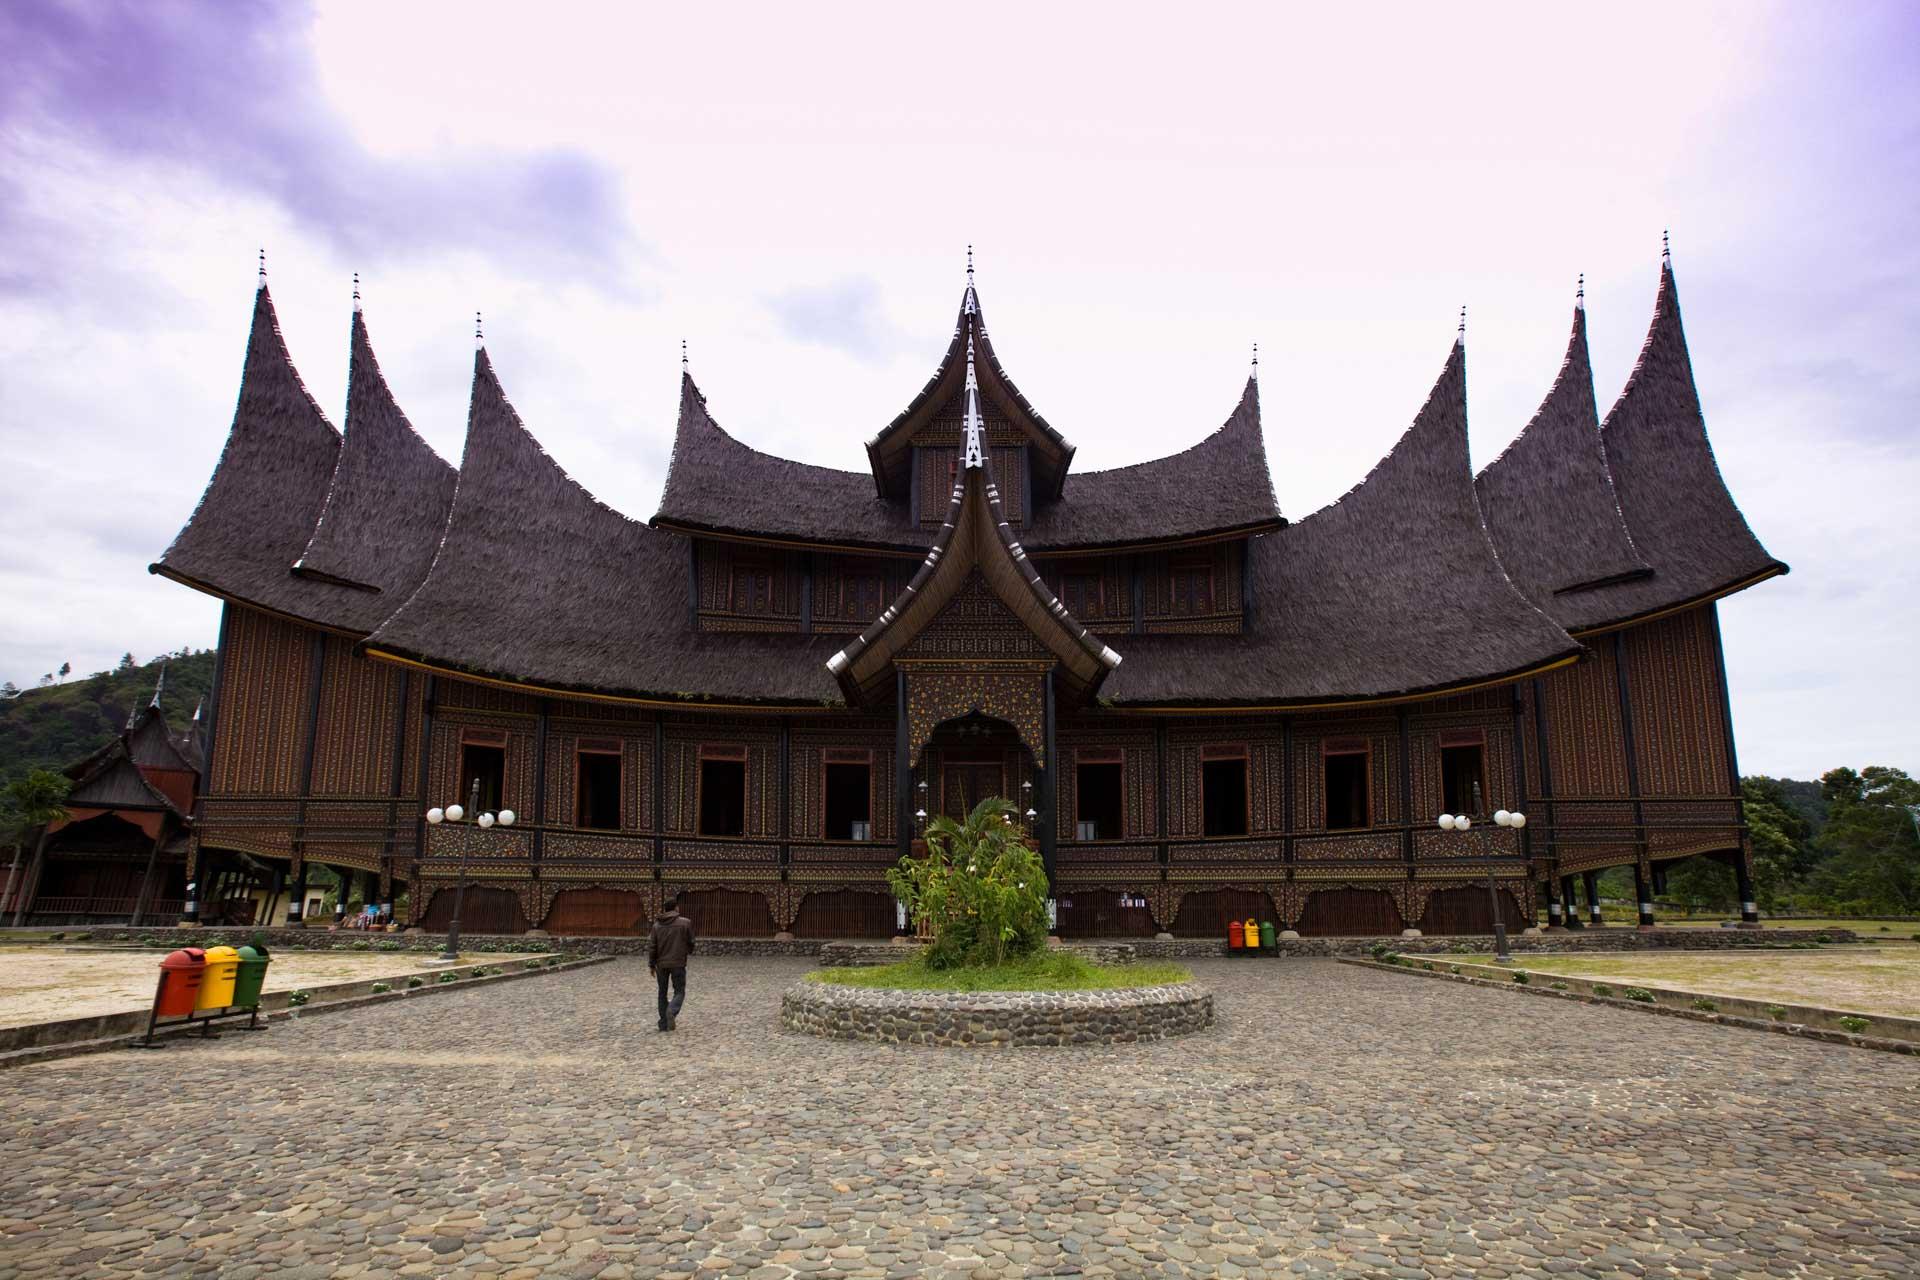 Sumatra Dove Dormire, scegliere il posto adatto da prenotare